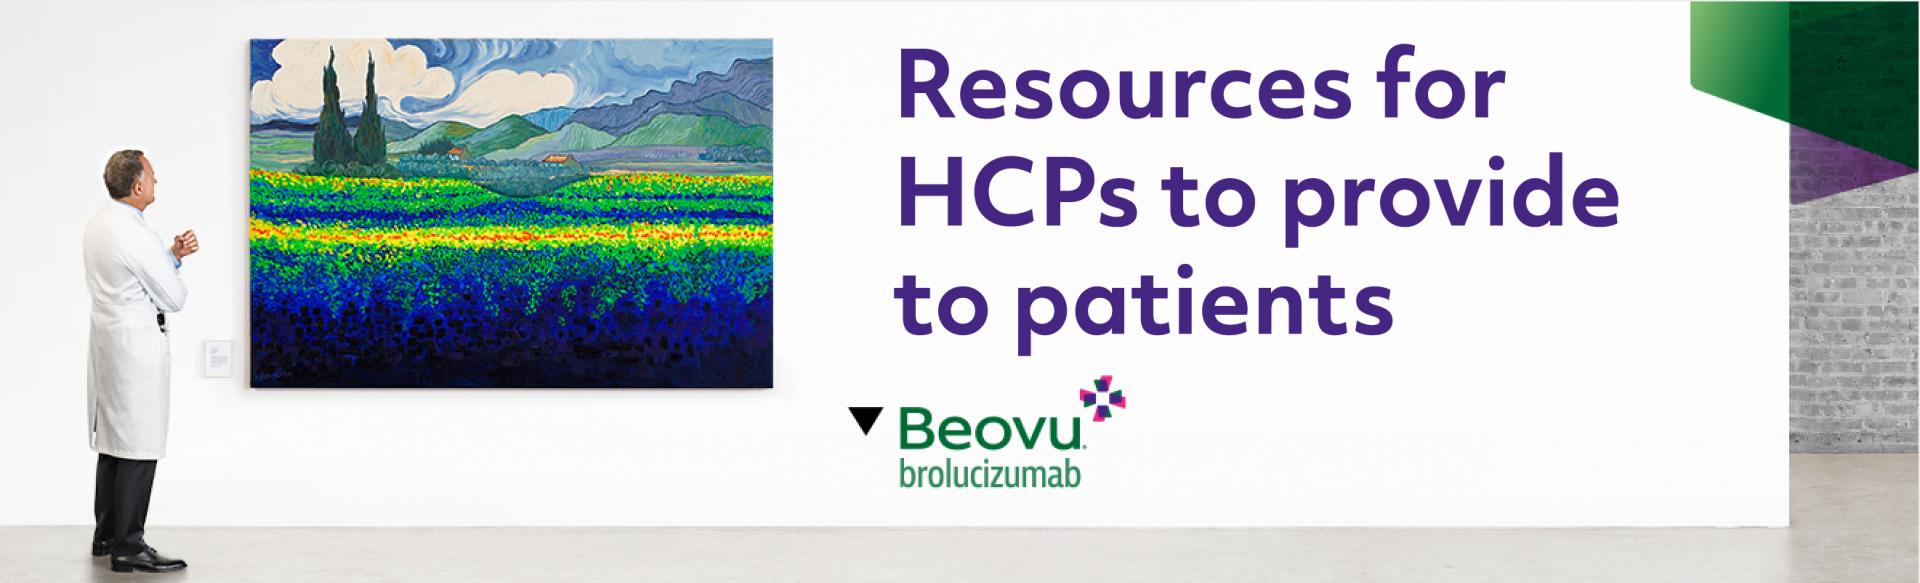 beovu_res_hcps_patient_banner